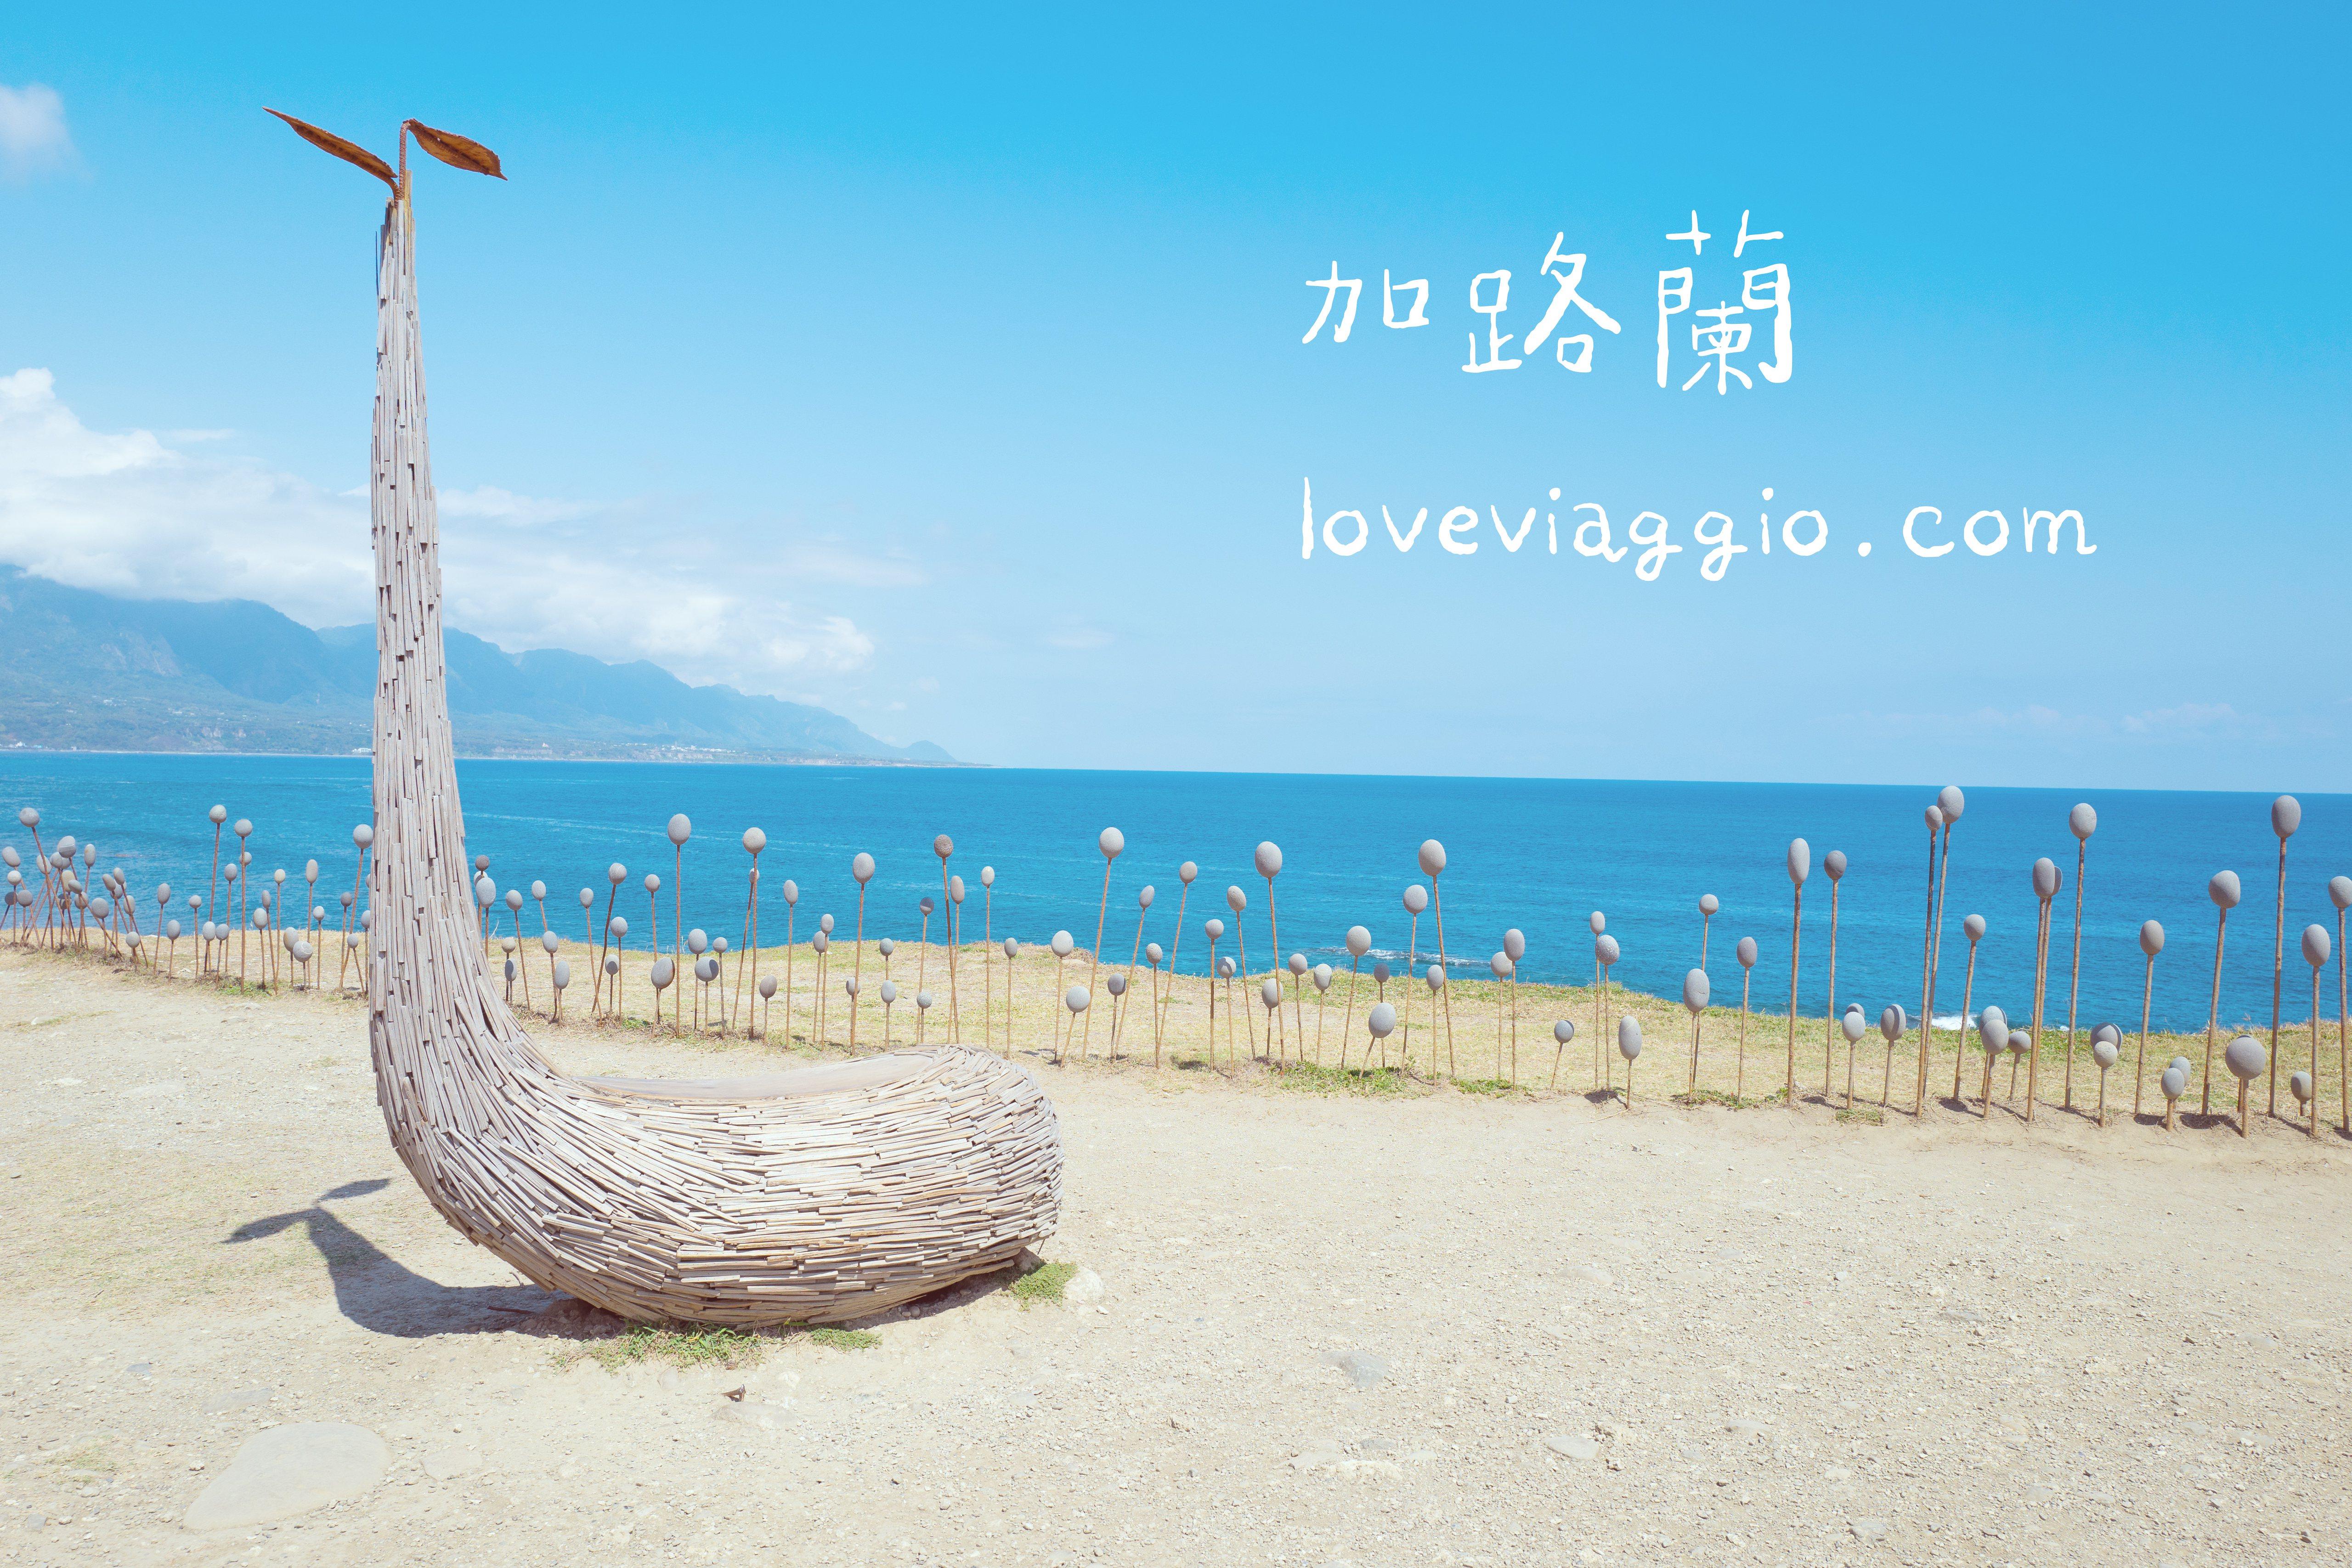 來台東旅行吧!20+台東拍照打卡 山線與海線景點分享 @薇樂莉 Love Viaggio   旅行.生活.攝影